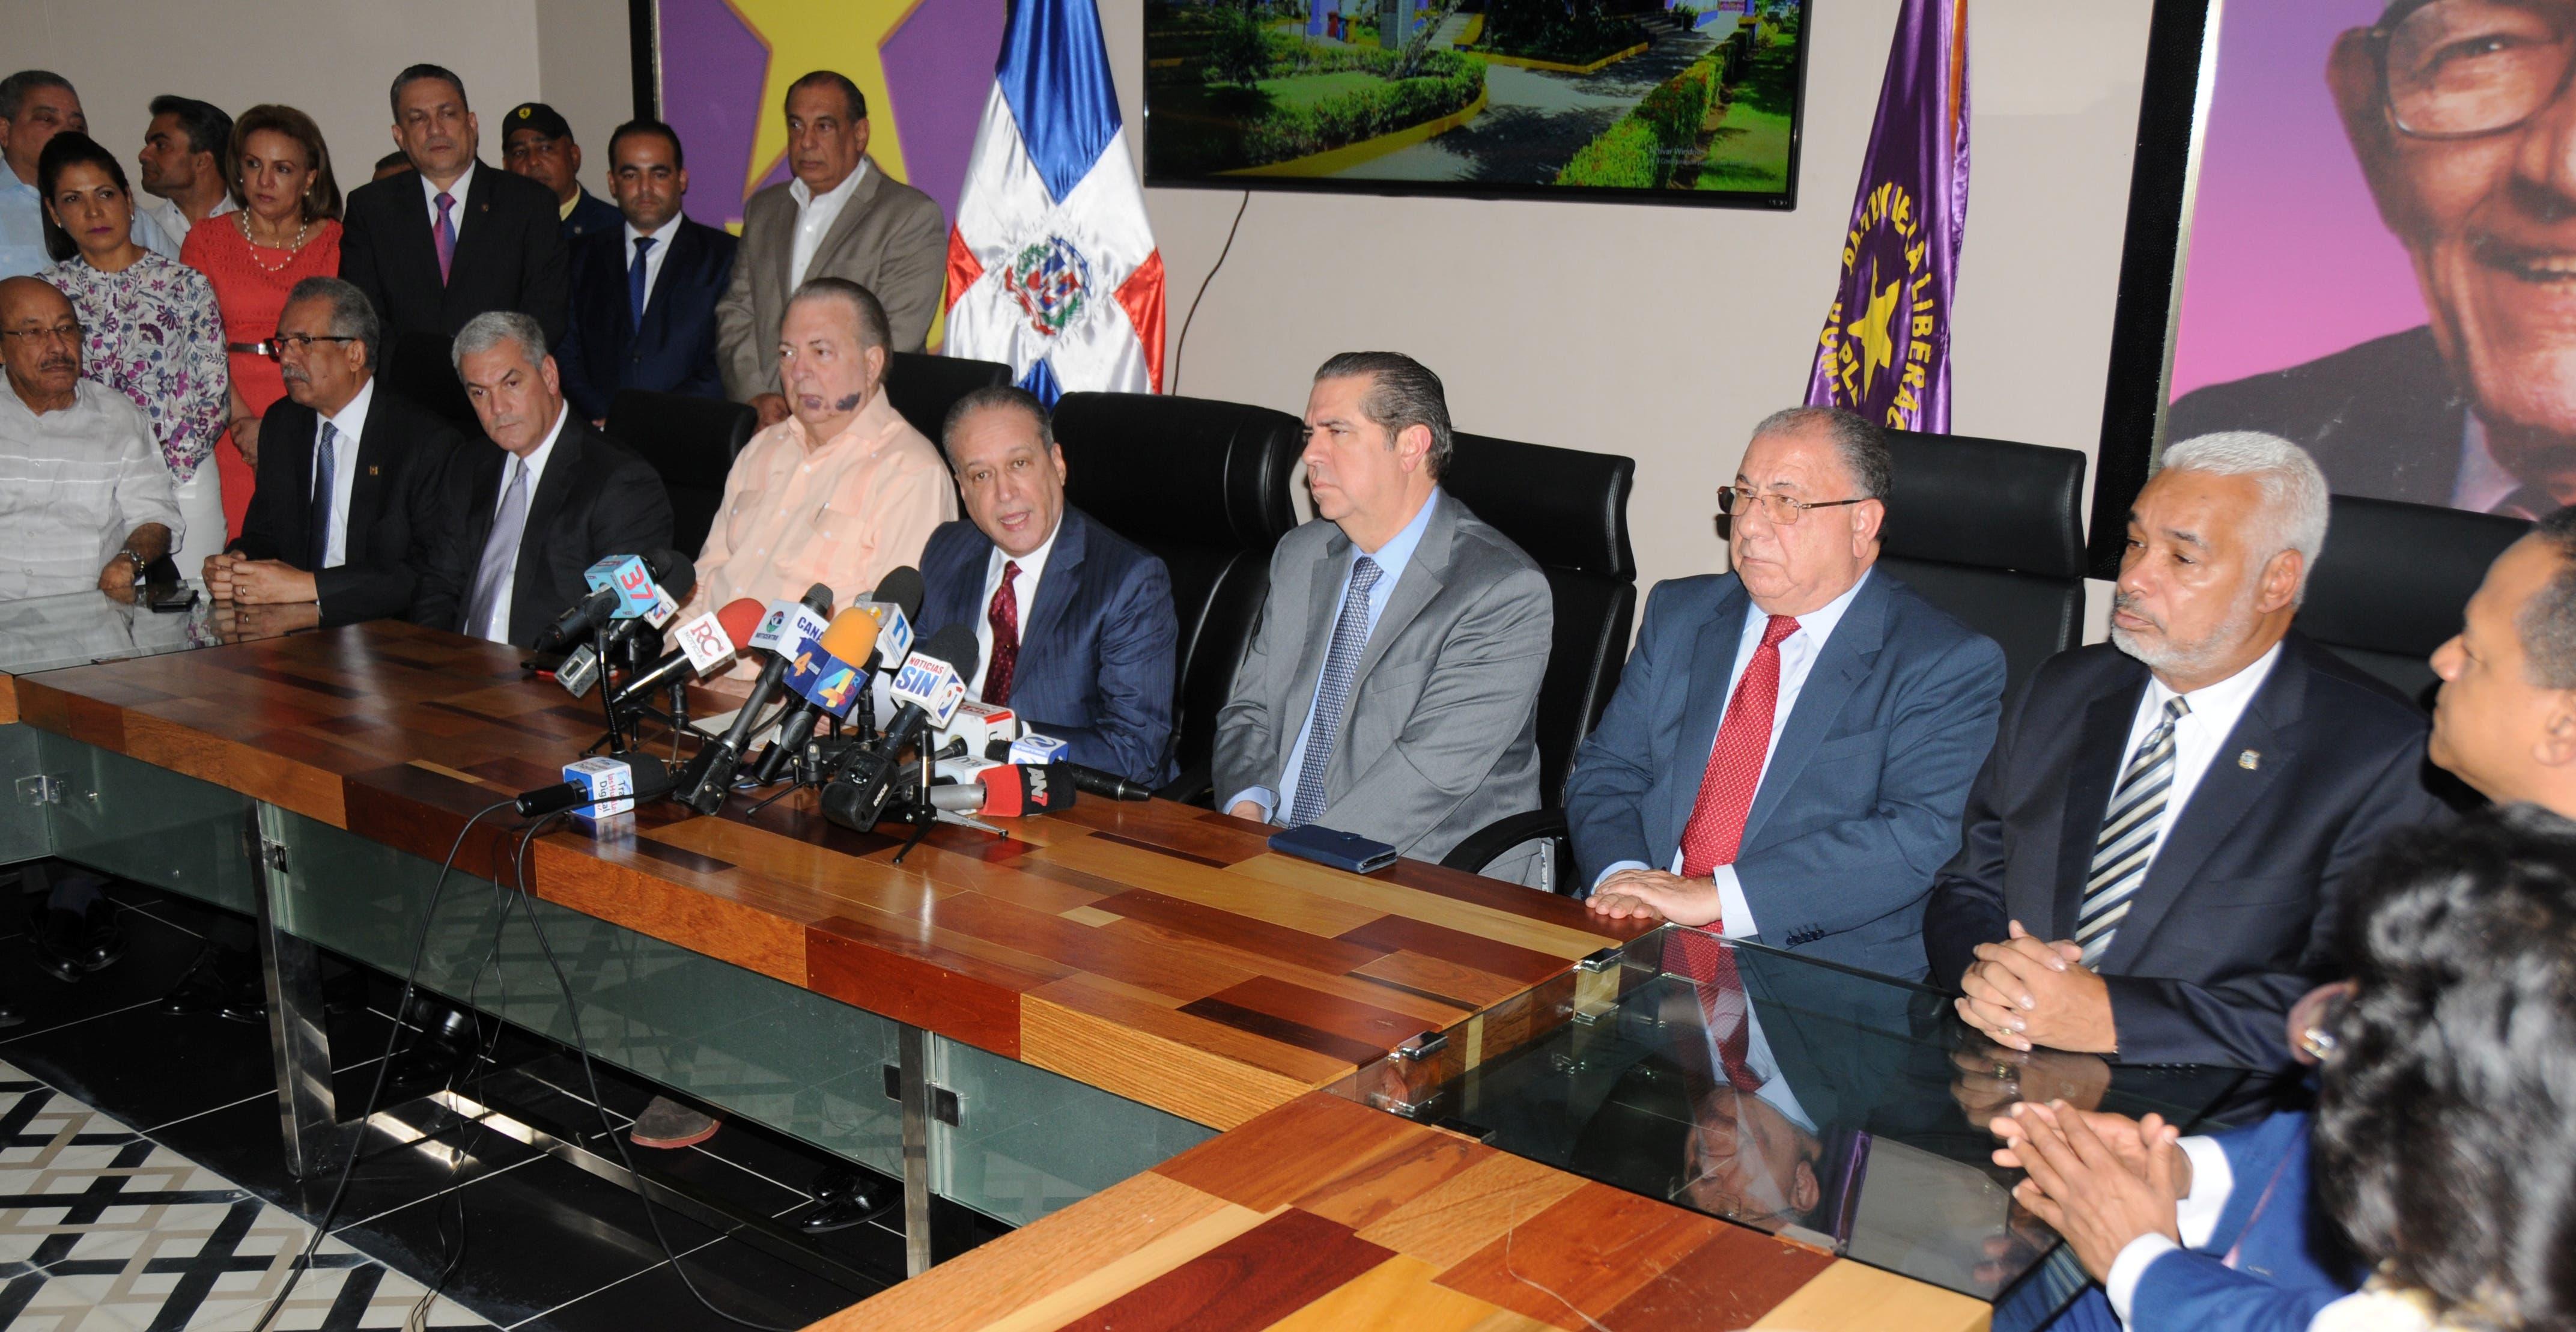 Reinaldo Pared Pérez acompañado de miembros del Comité Político del PLD durante la rueda de prensa.